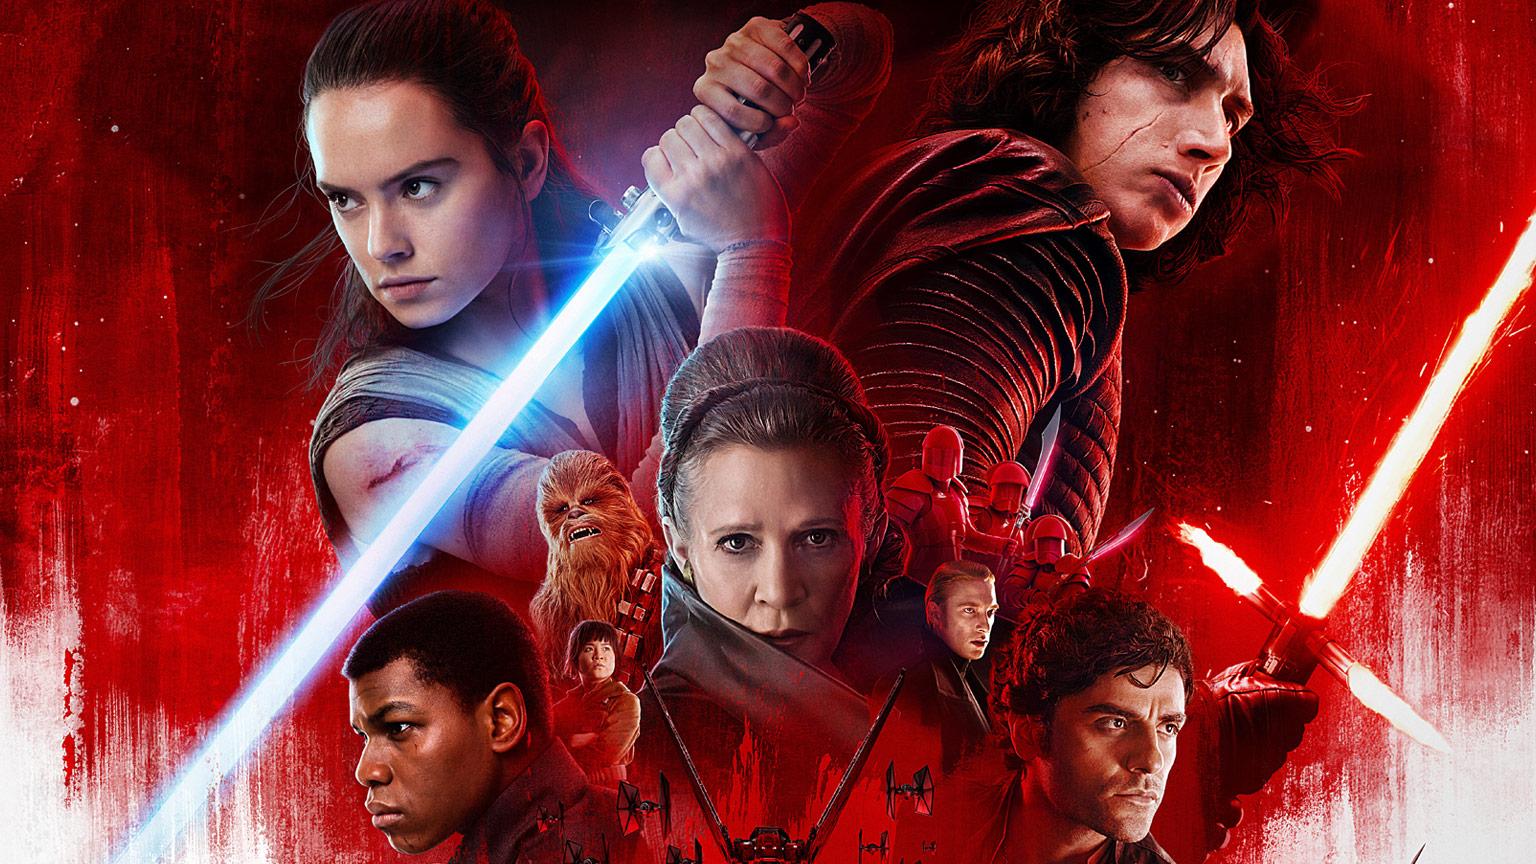 Звёздные войны эпизод 8 последние джедаи фильм 2018 смотреть